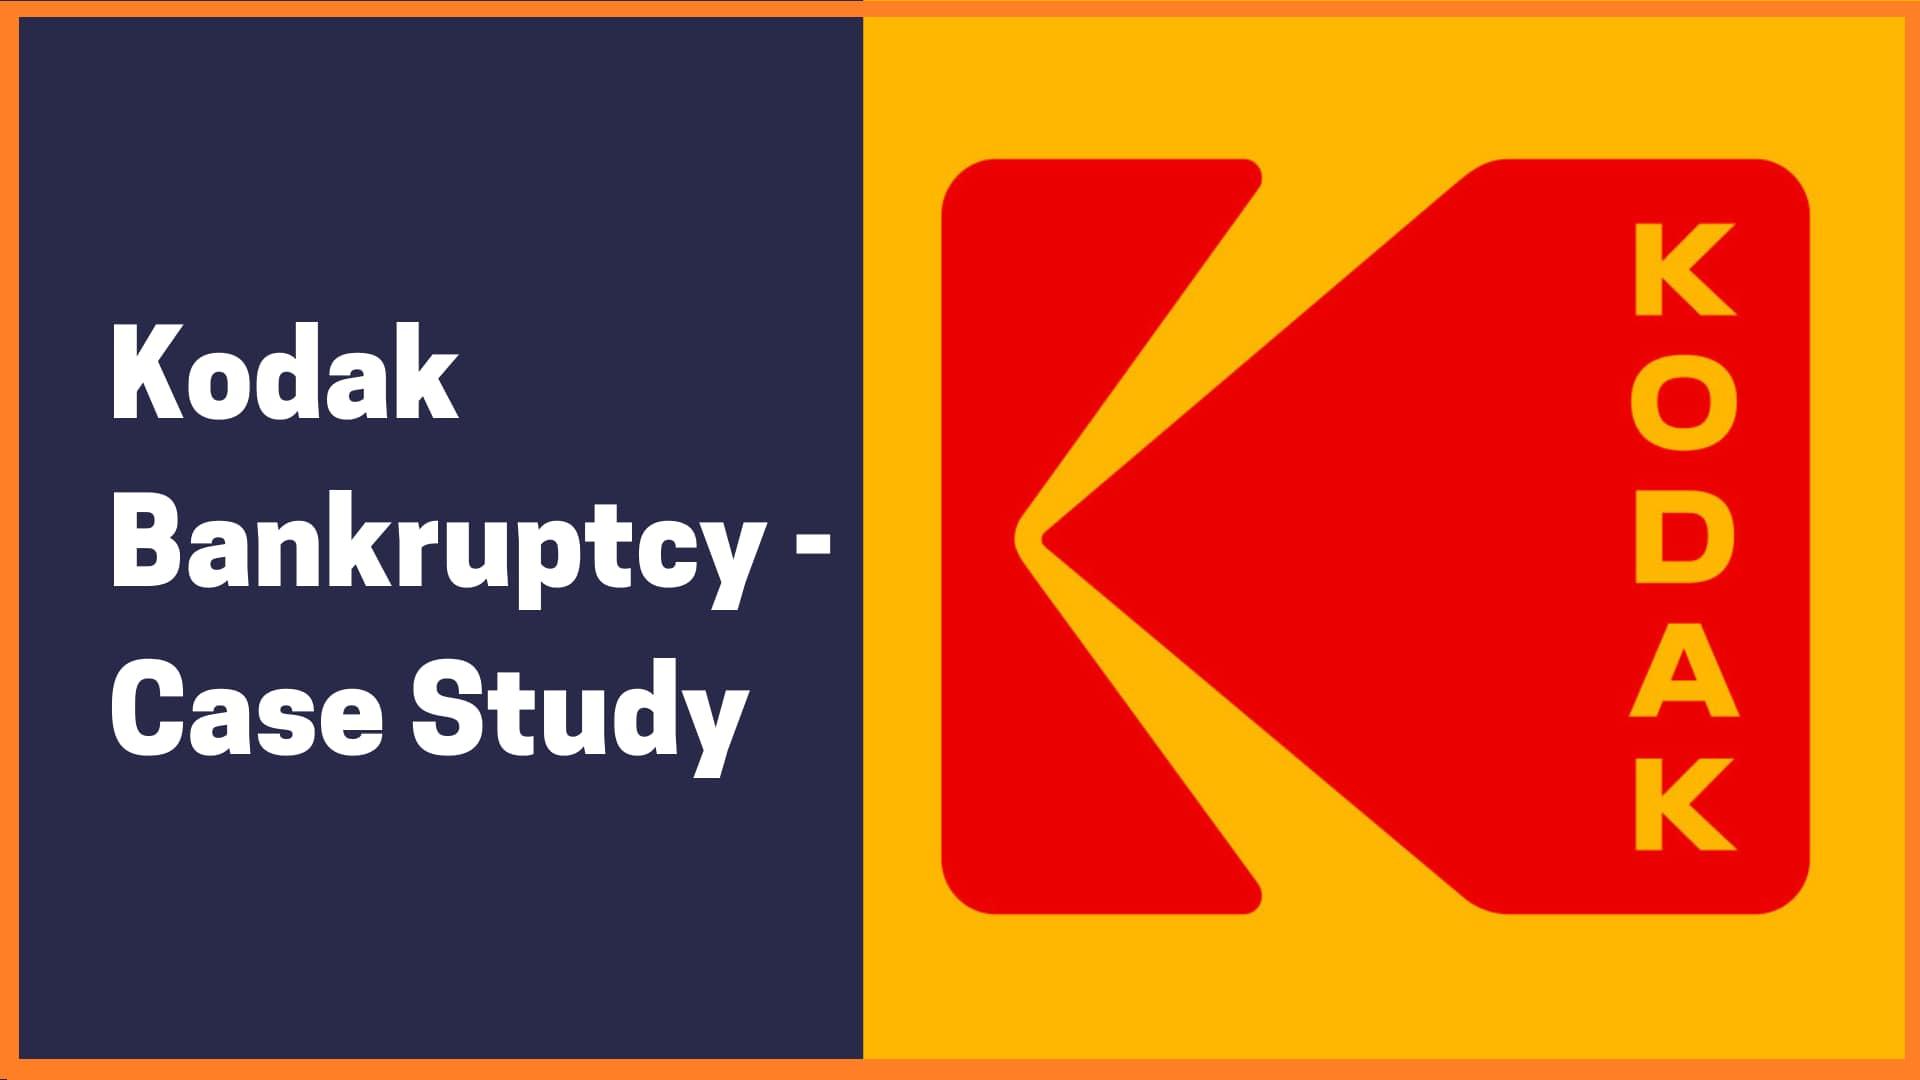 Why Did Kodak Fail? | Kodak Bankruptcy Case Study